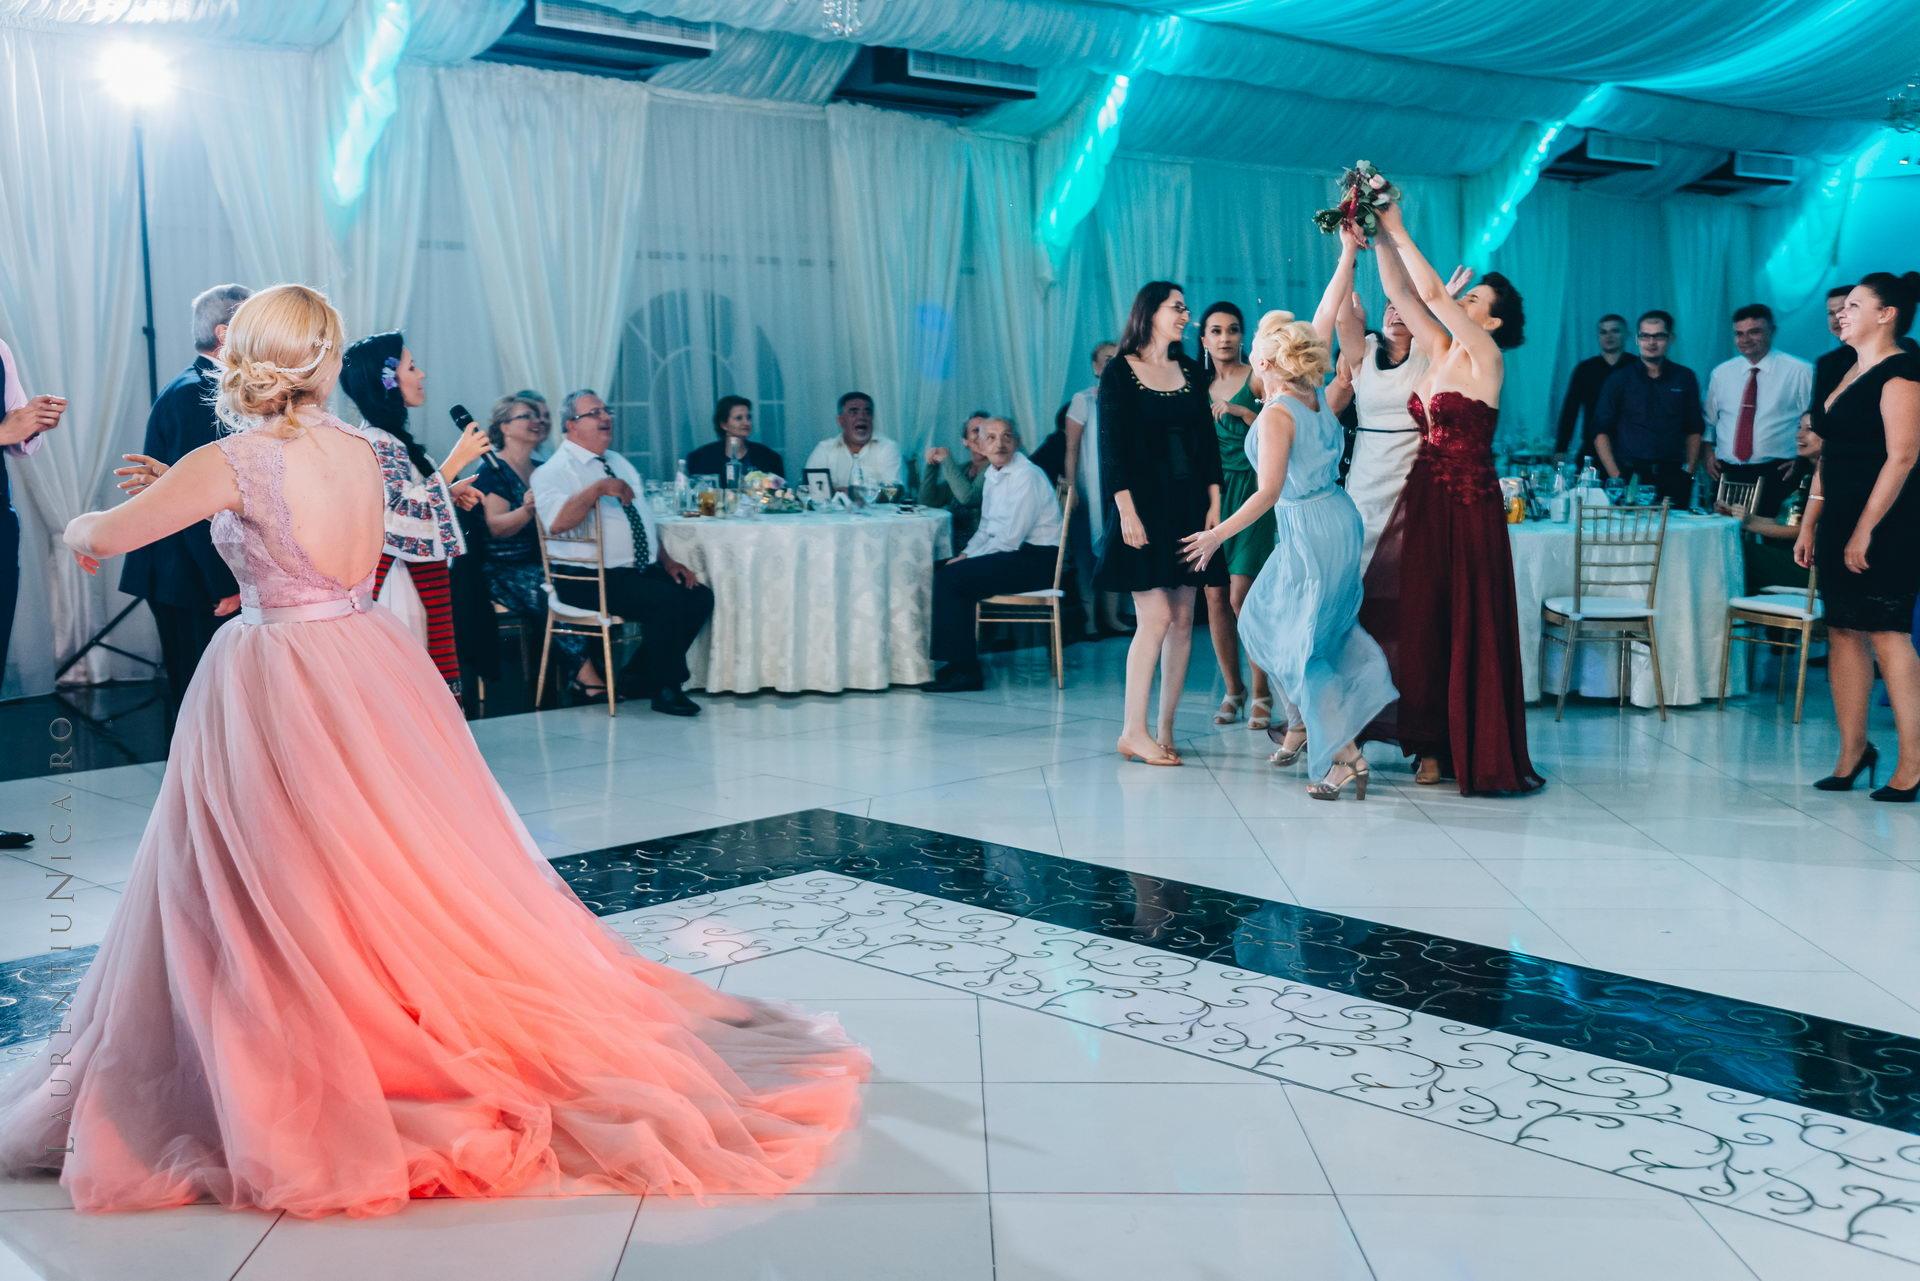 lavinia si adi fotograf laurentiu nica craiova 083 - Lavinia & Adi | Fotografii nunta